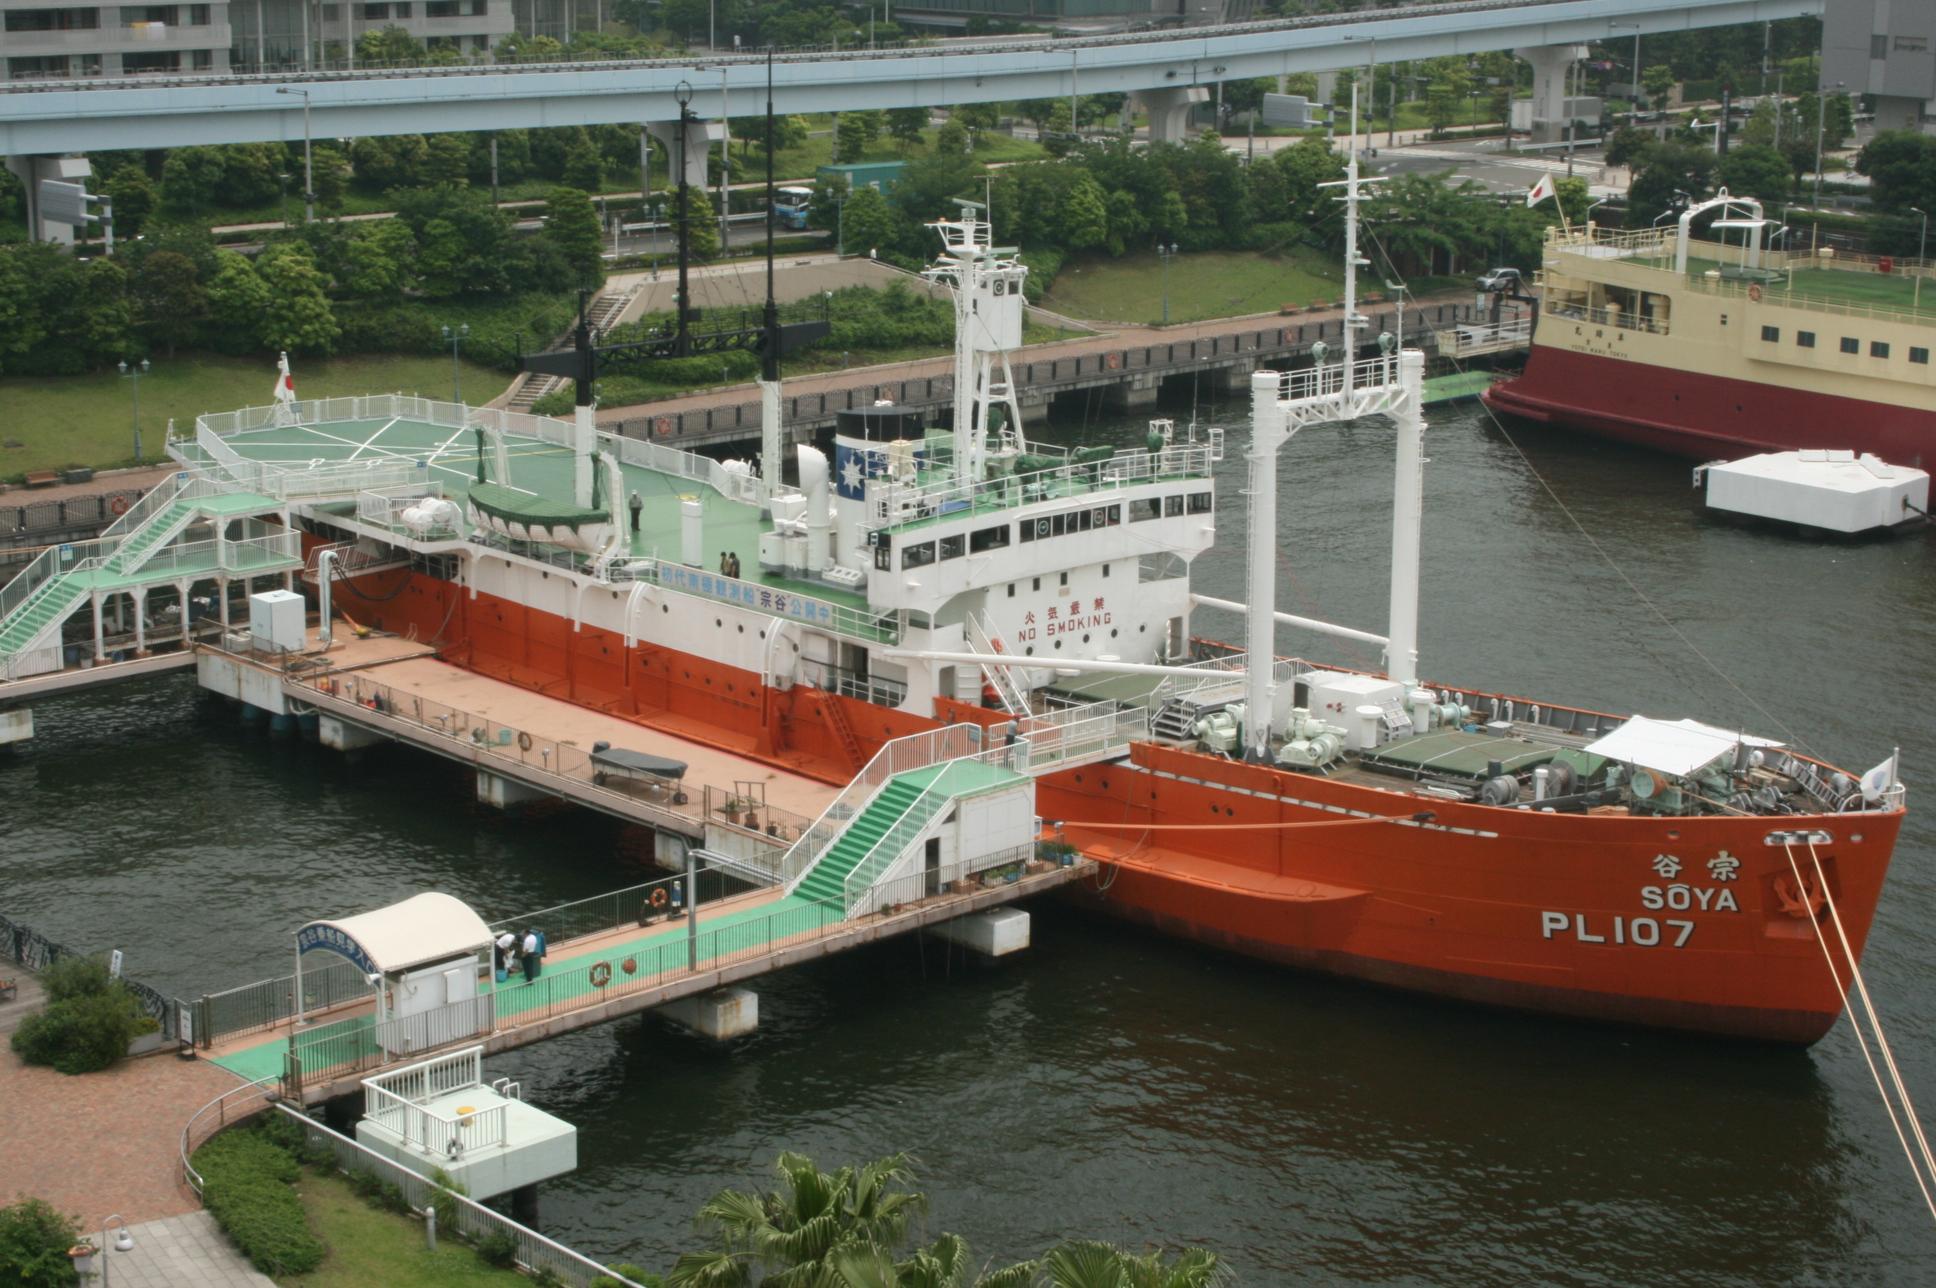 Japanese icebreaker Soya